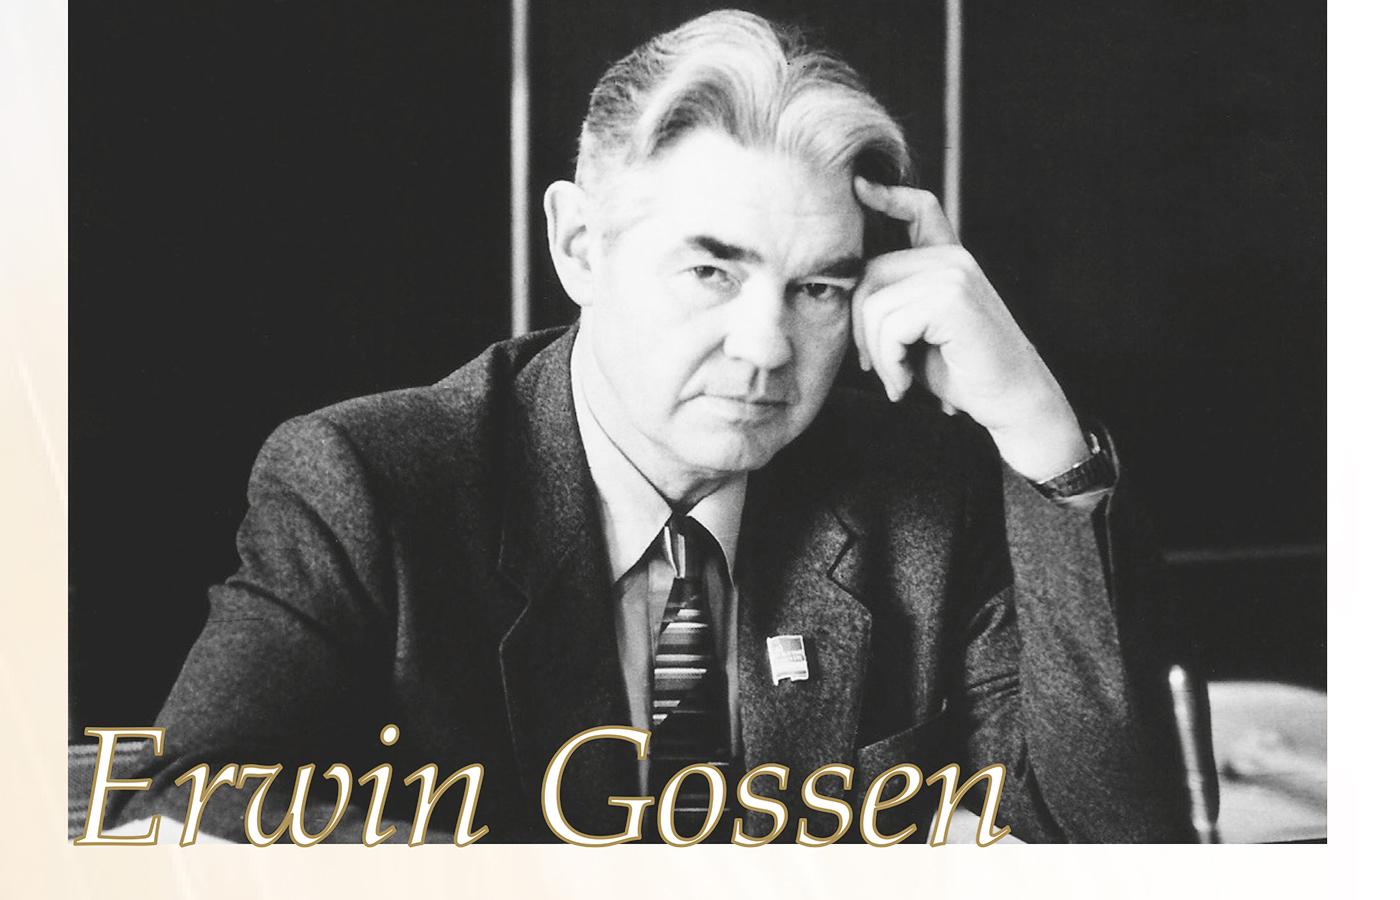 Erwin Gossen